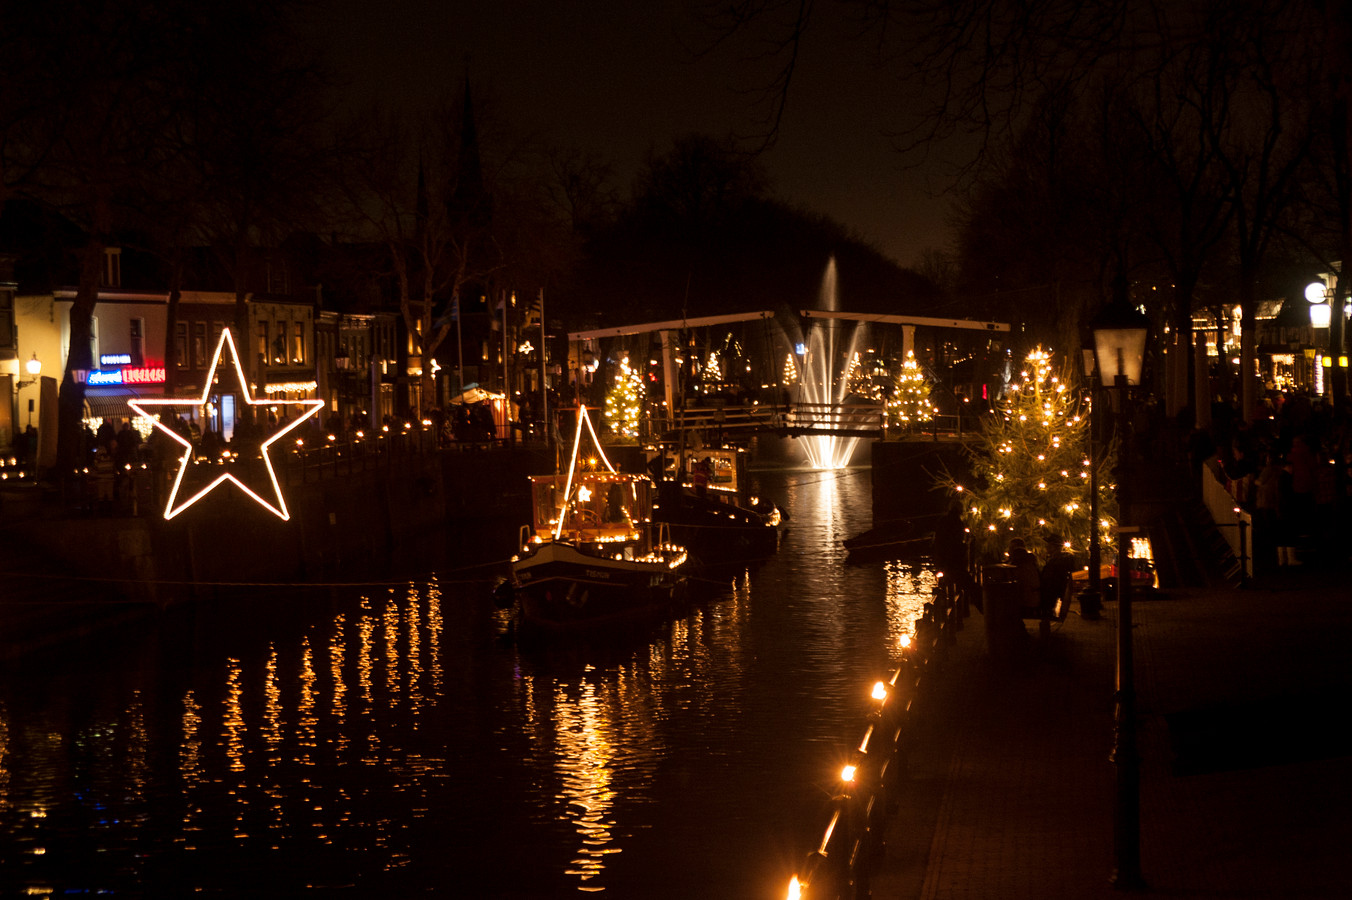 Meer dan 10.000 kaarsjes tijdens het jaarlijkse evenement Kaarslicht in Vreeswijk.